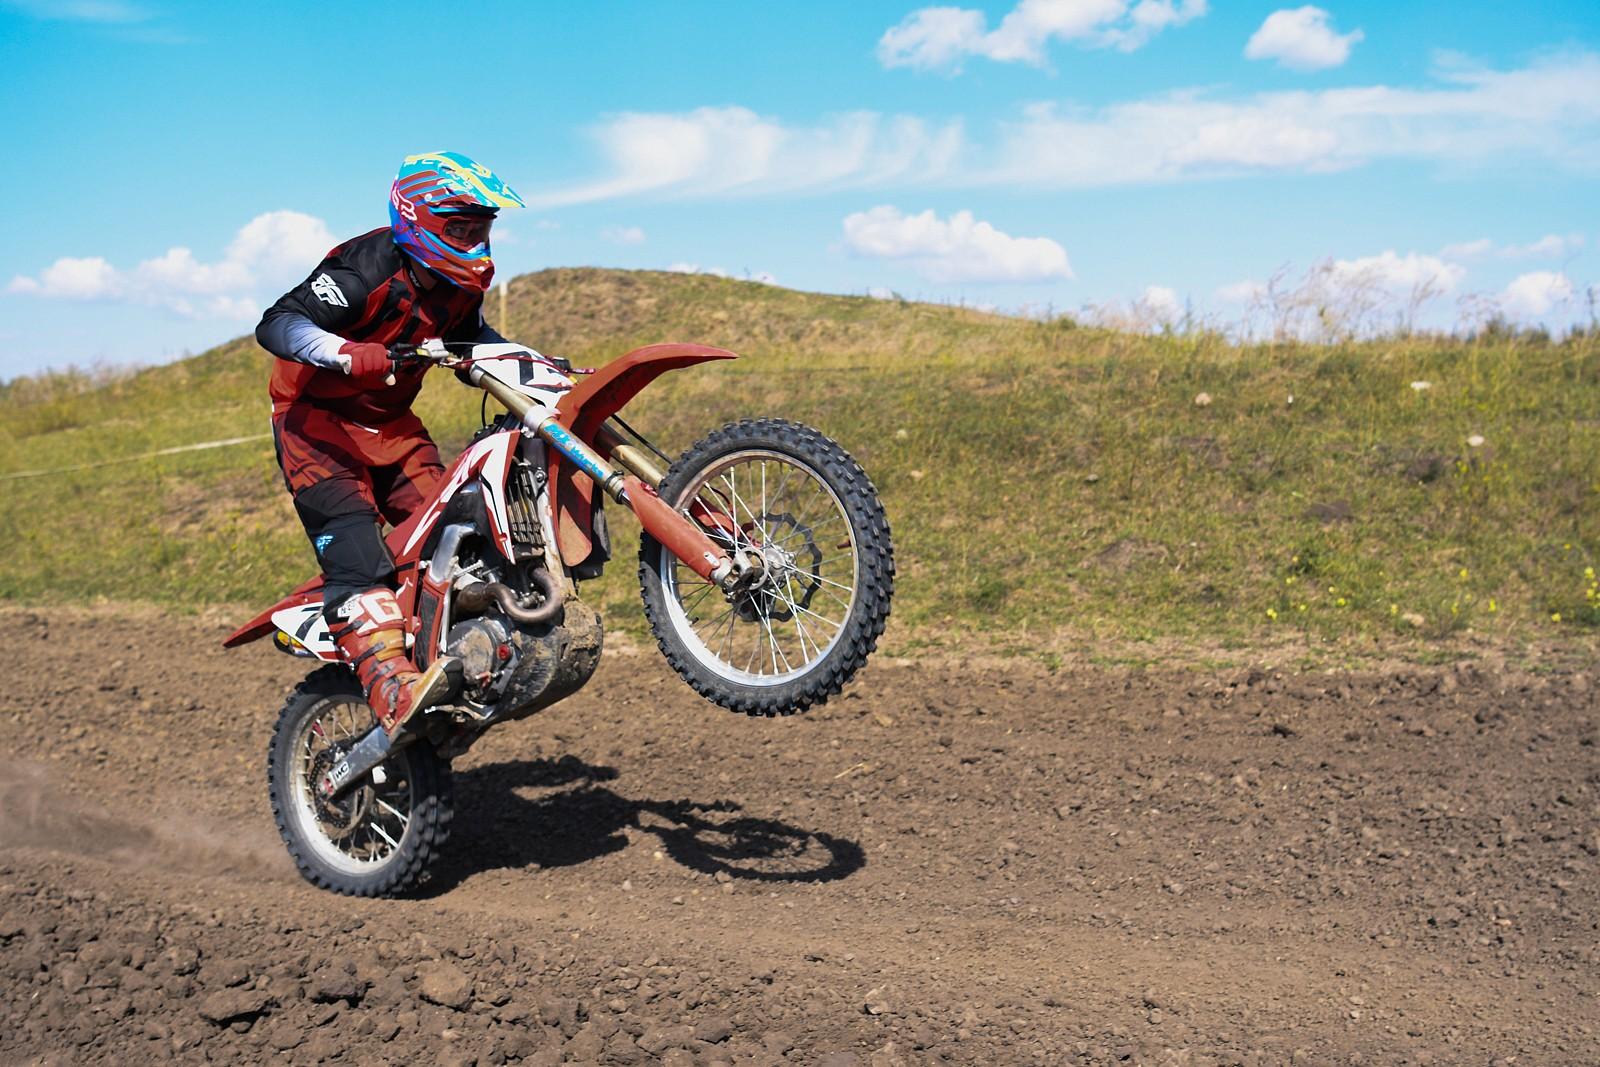 9C528C7E-29A1-48D0-B13B-C12046C170C6 - whitechapel44 - Motocross Pictures - Vital MX